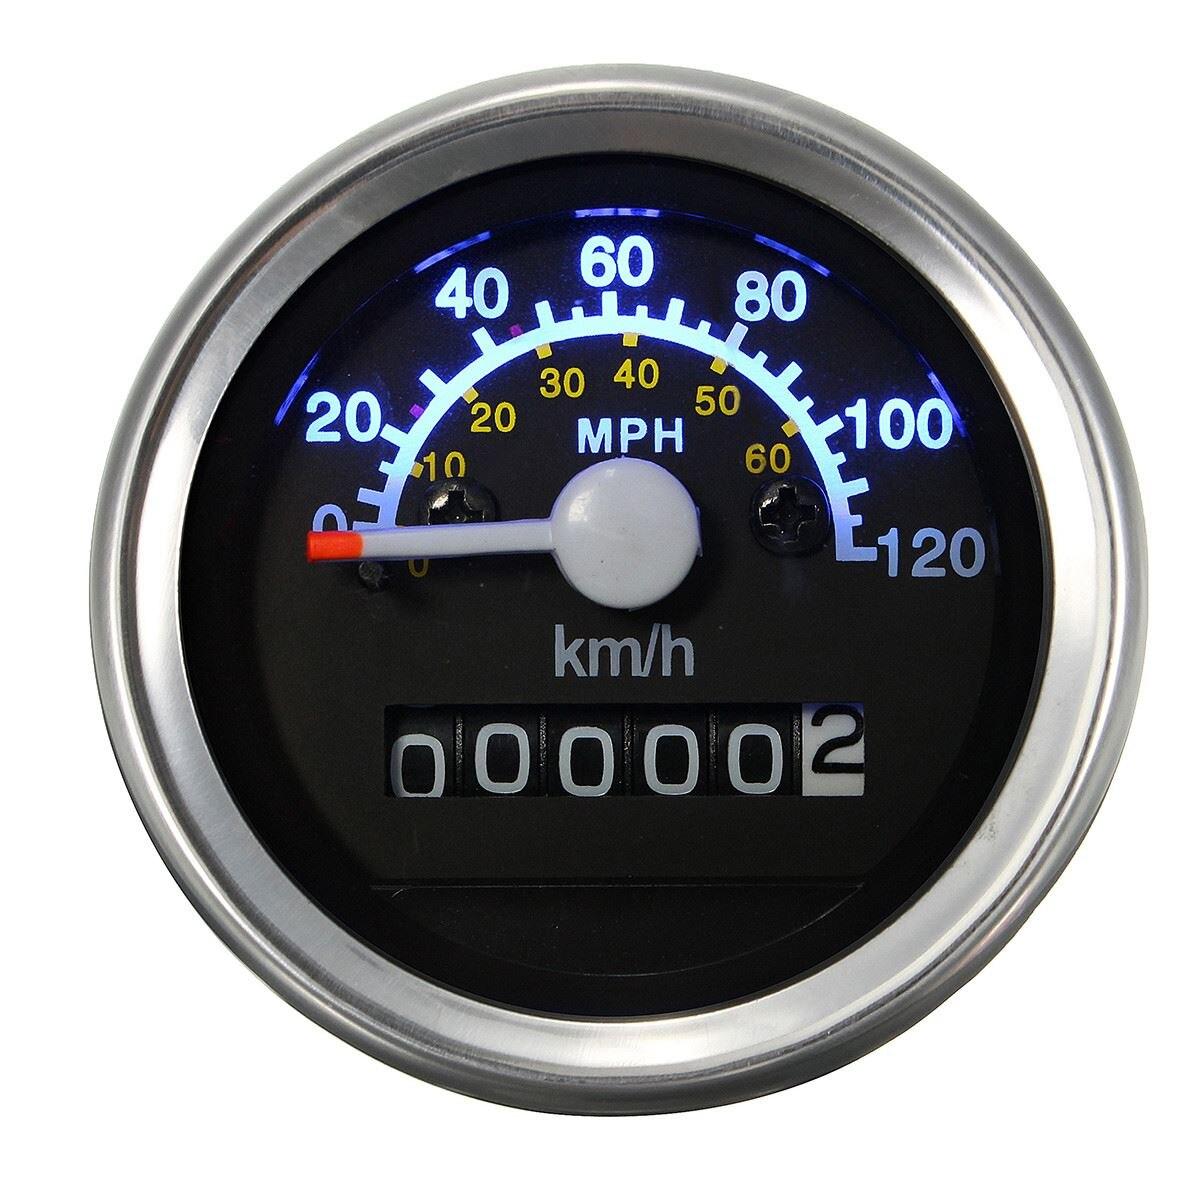 Universal 12 v Motocicleta Velocímetro Odômetro Calibre 52mm MPH KMH LED Backlight Preto